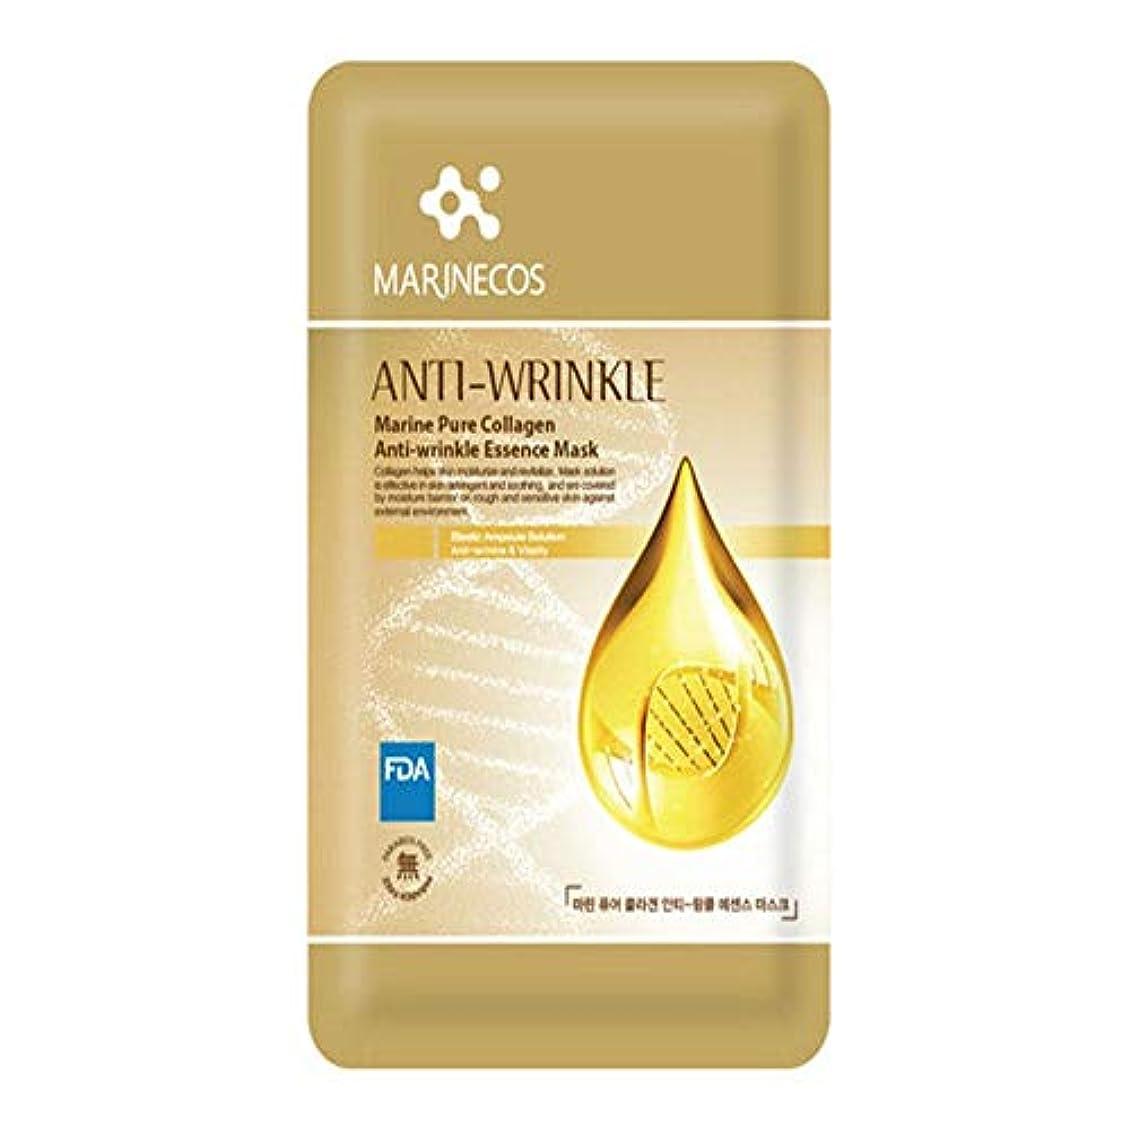 一部穀物ロードされたKorea, MARINECOS Marine Pure Collagen Anti-wrinkle Essence Mask ,10 Sheets 1 Cas 韓国ネーチャー コスメ ビューティー 韓国マスクシート